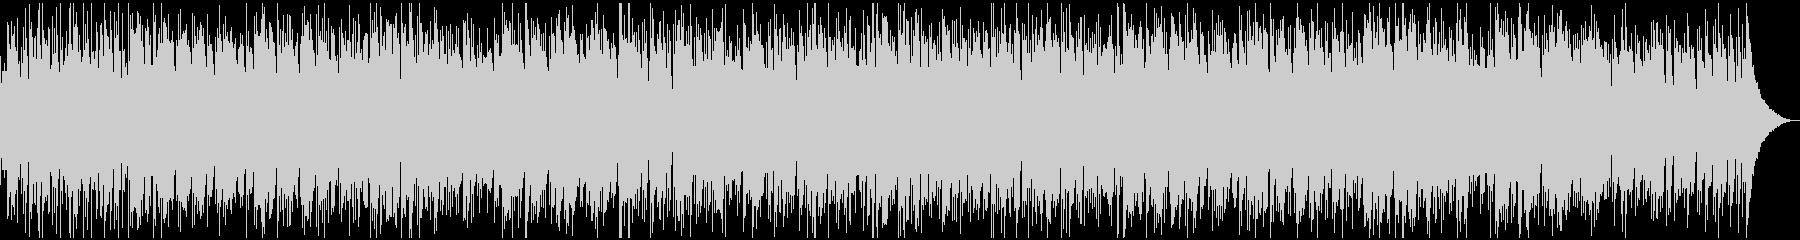 おしゃれなボサノバ02の未再生の波形